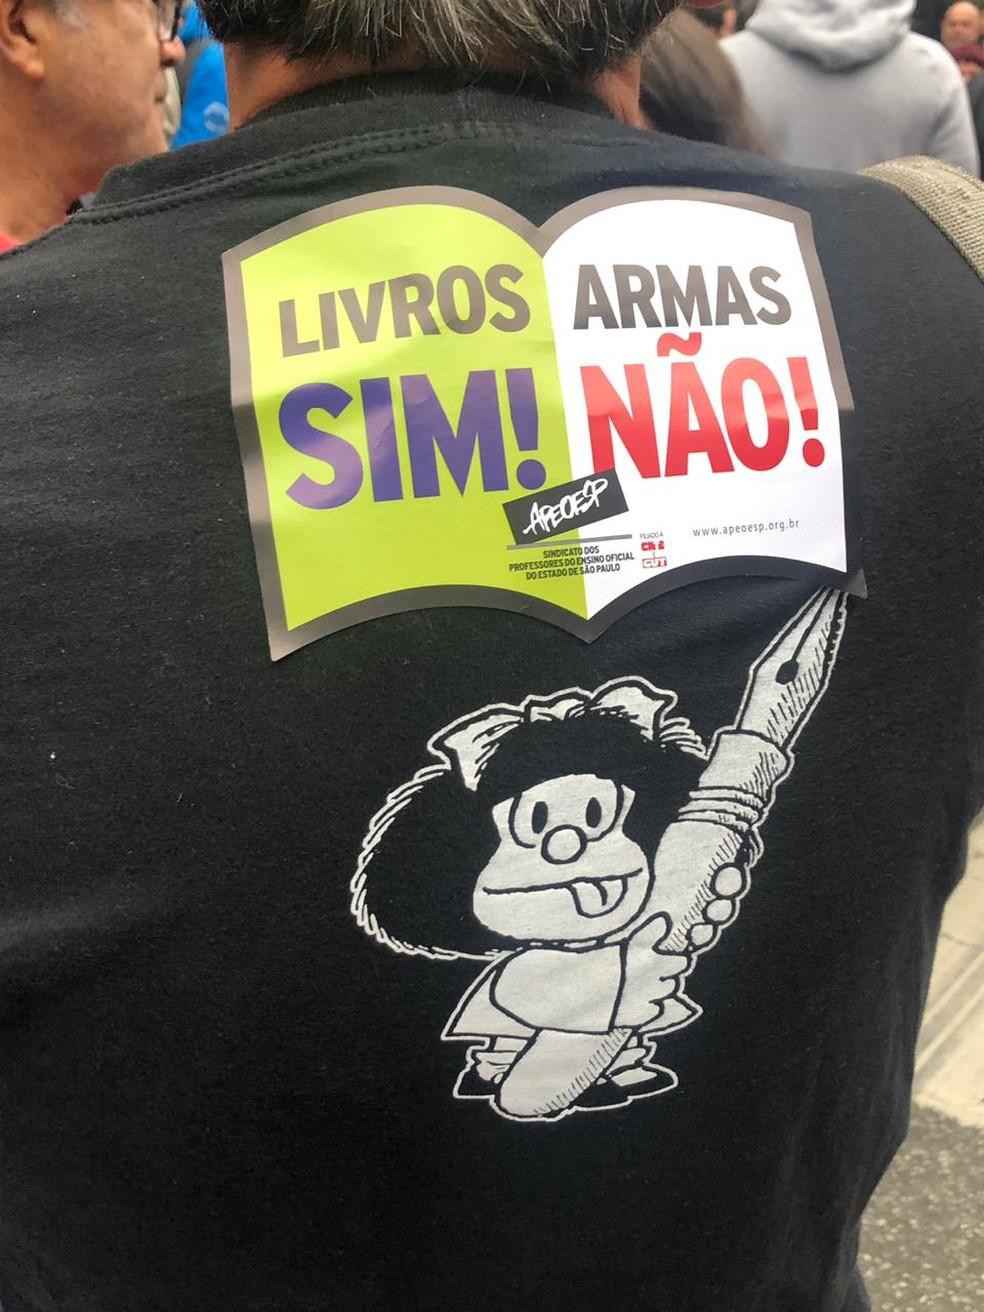 SÃO PAULO, 16h56 - Manifestante em ato na Paulista — Foto: Patrícia Figueiredo/G1